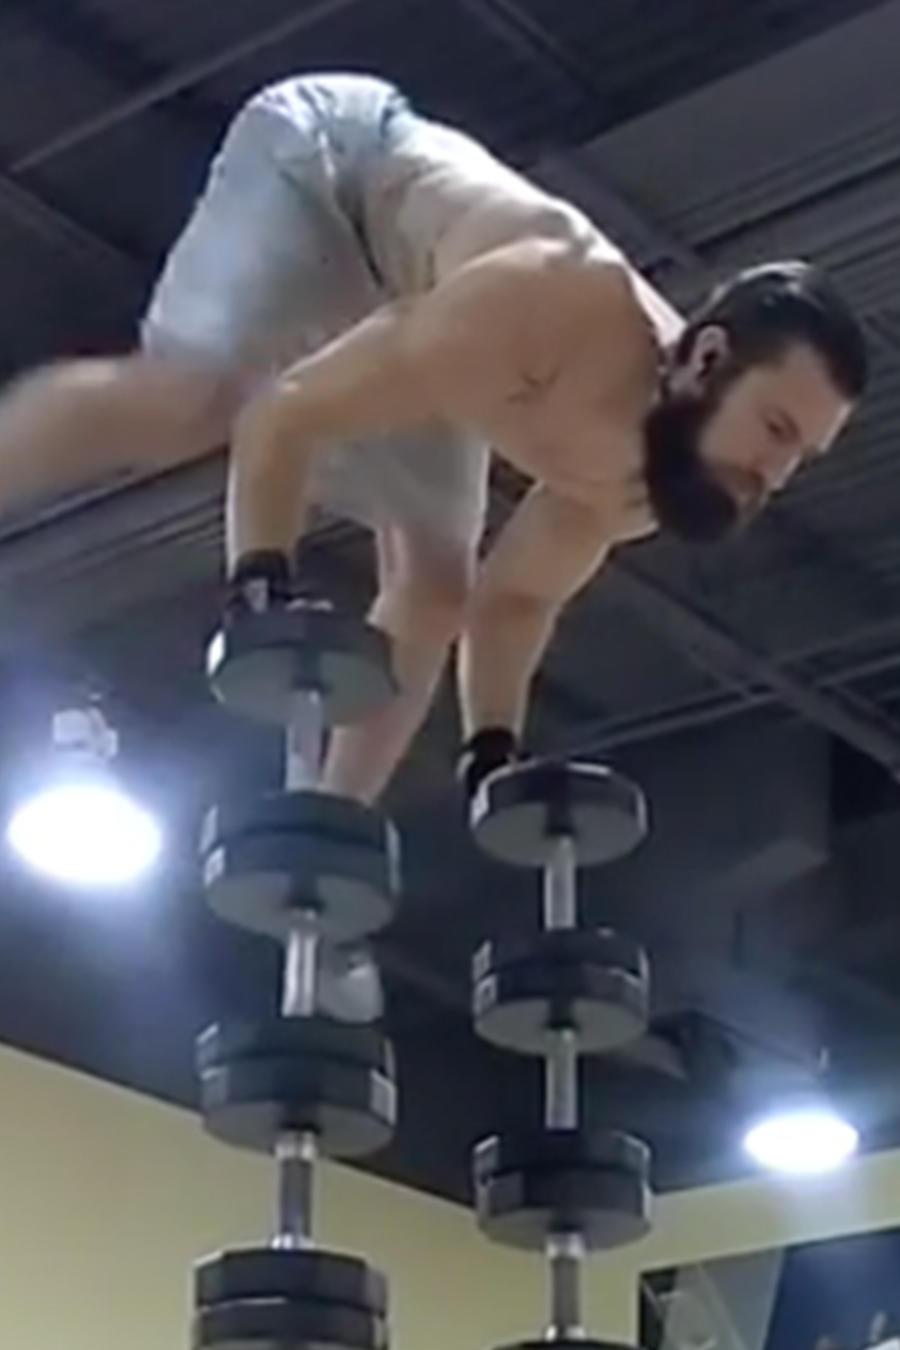 El Guru del Balance se balancea entre pesas elevadas